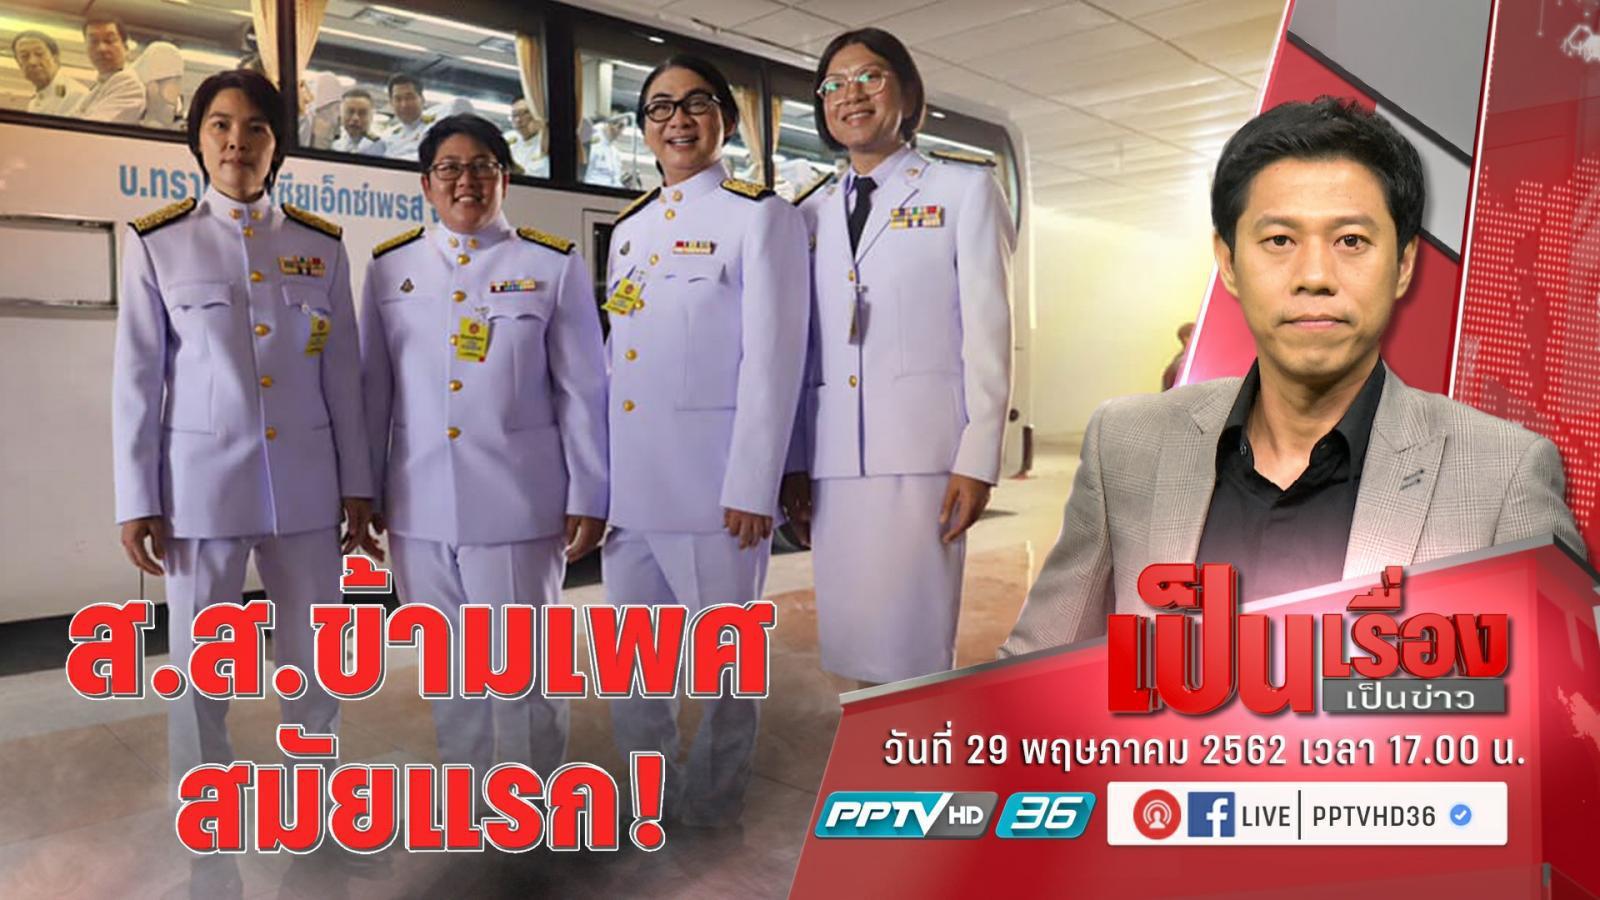 """ส.ส.LGBT ชี้ปัญหา """"เหยียดเพศ"""" เป็นผลผลิตจาก """"การศึกษาไทย"""" หวังใช้สภาฯ สร้างความเท่าเทียม"""